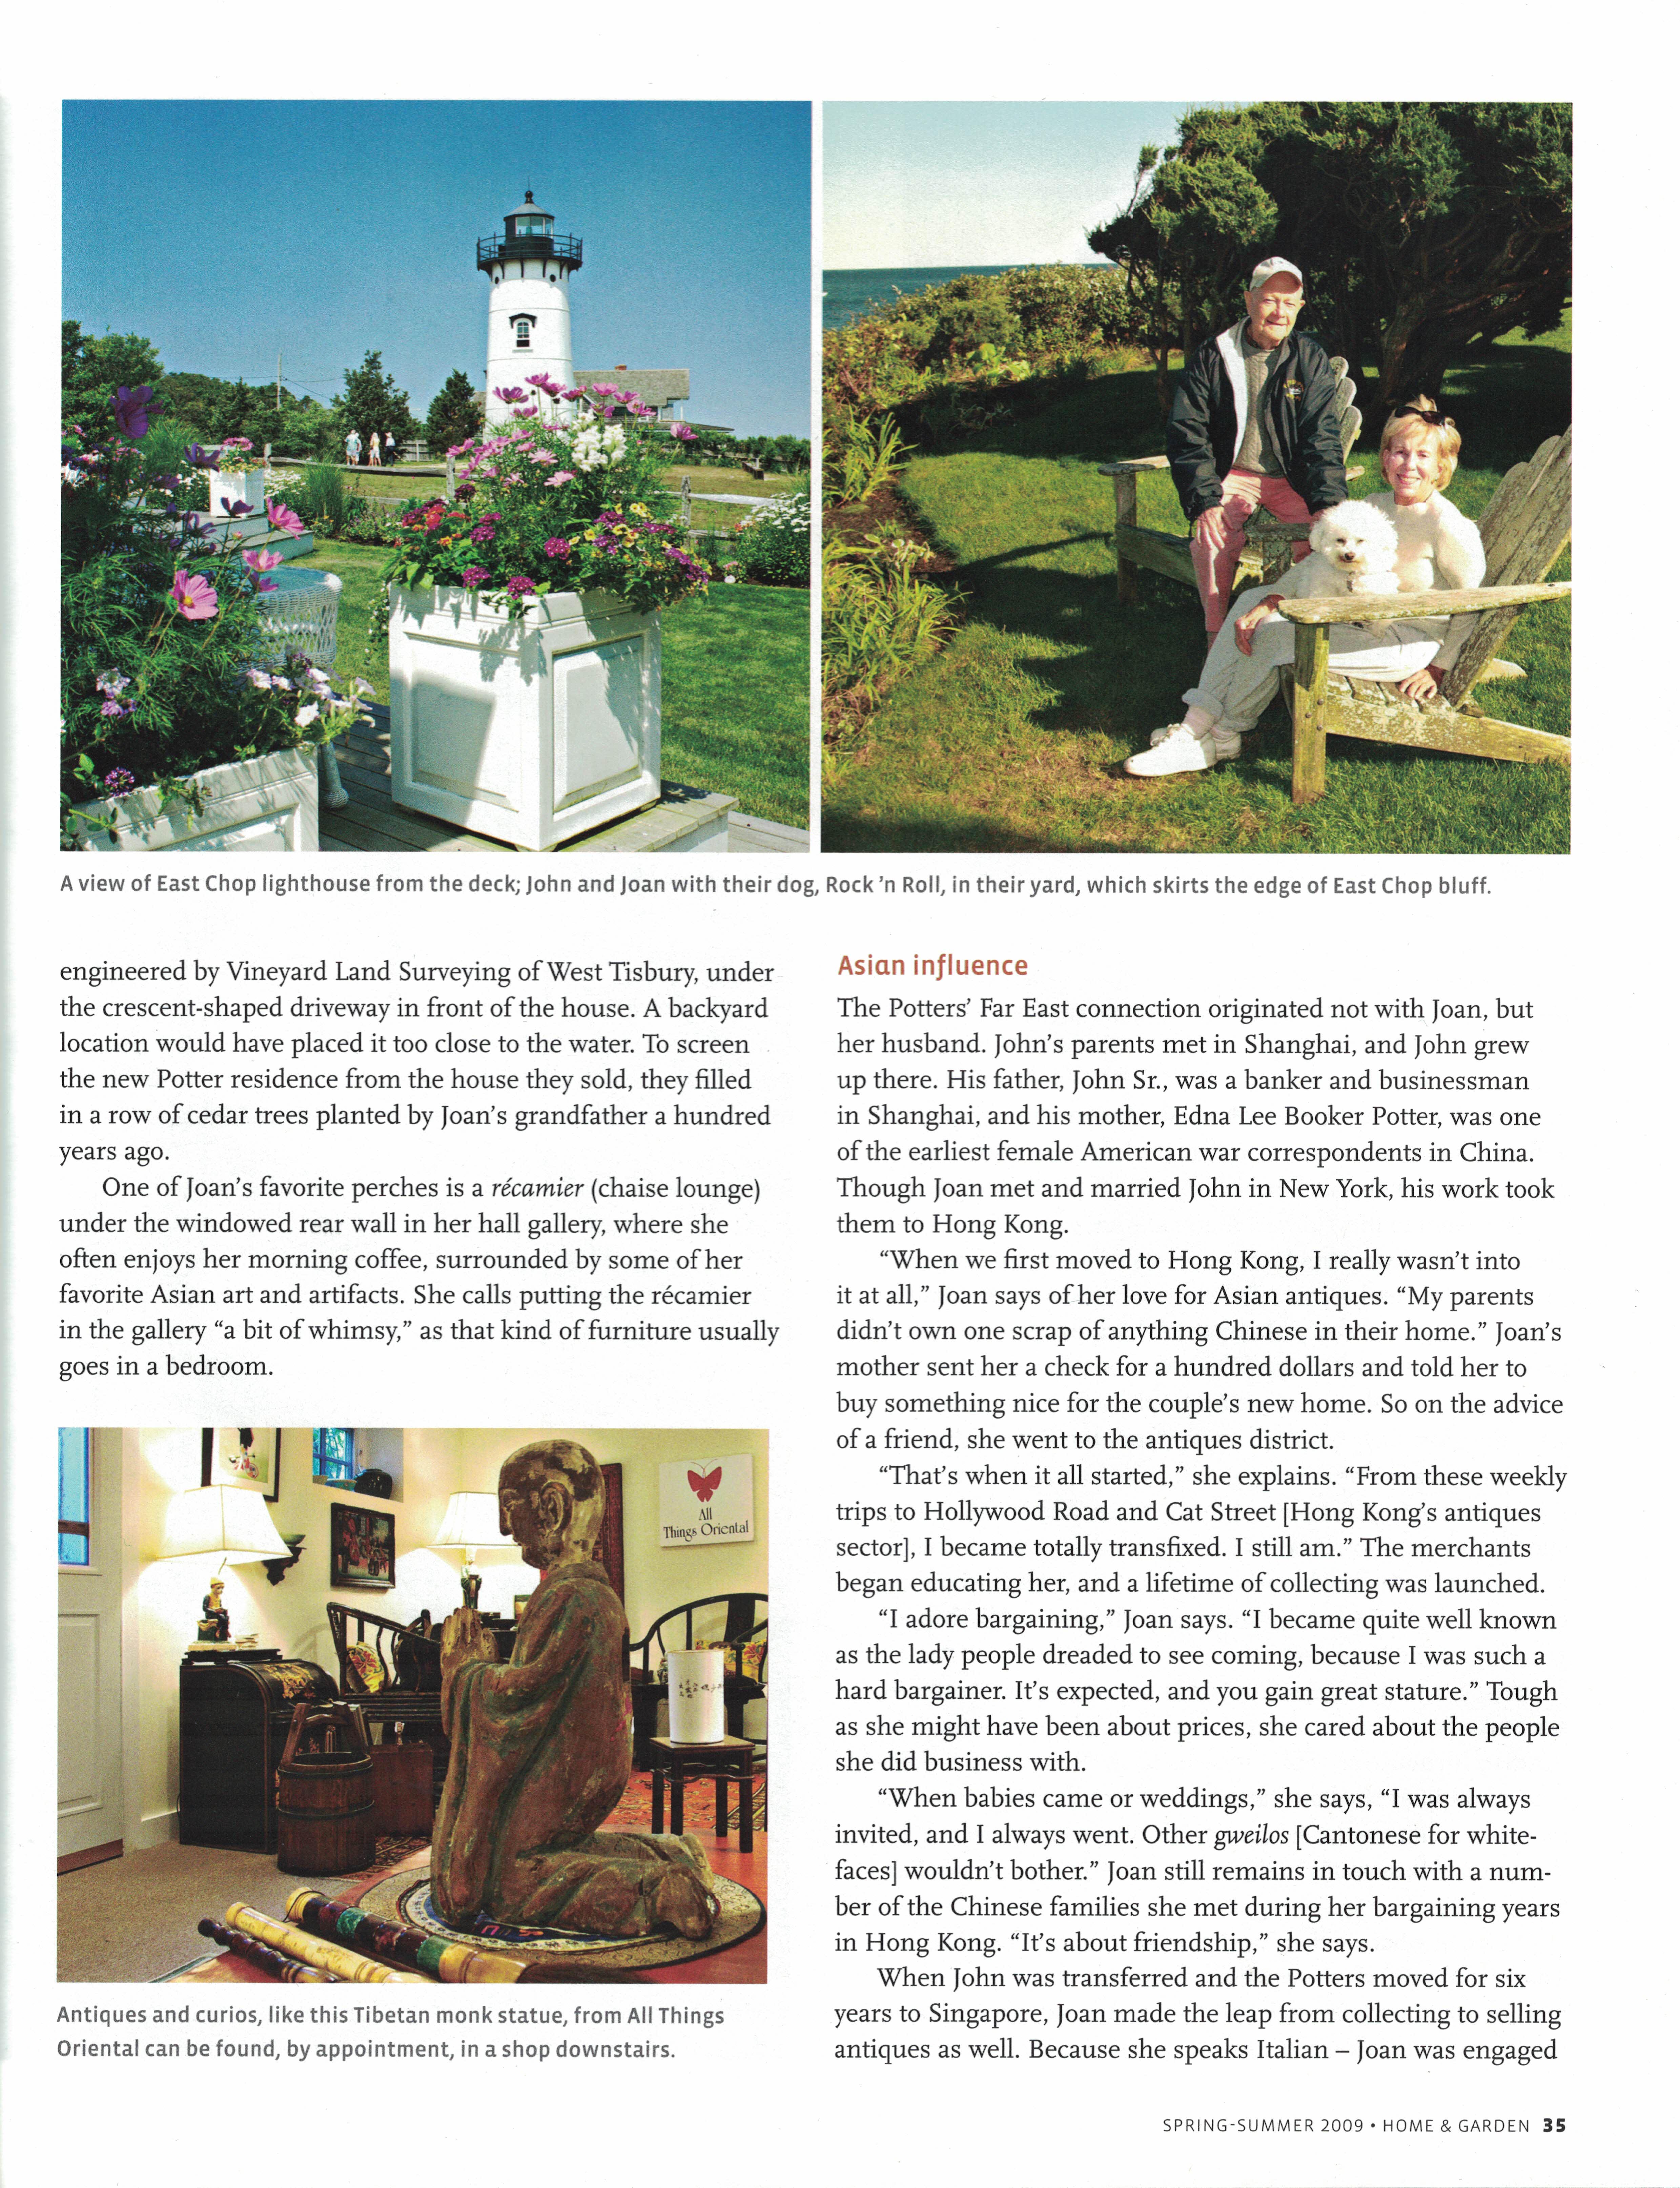 Marthas Vineyard Magazine Home & Garden Spring-Summer 2009 {Page 35}